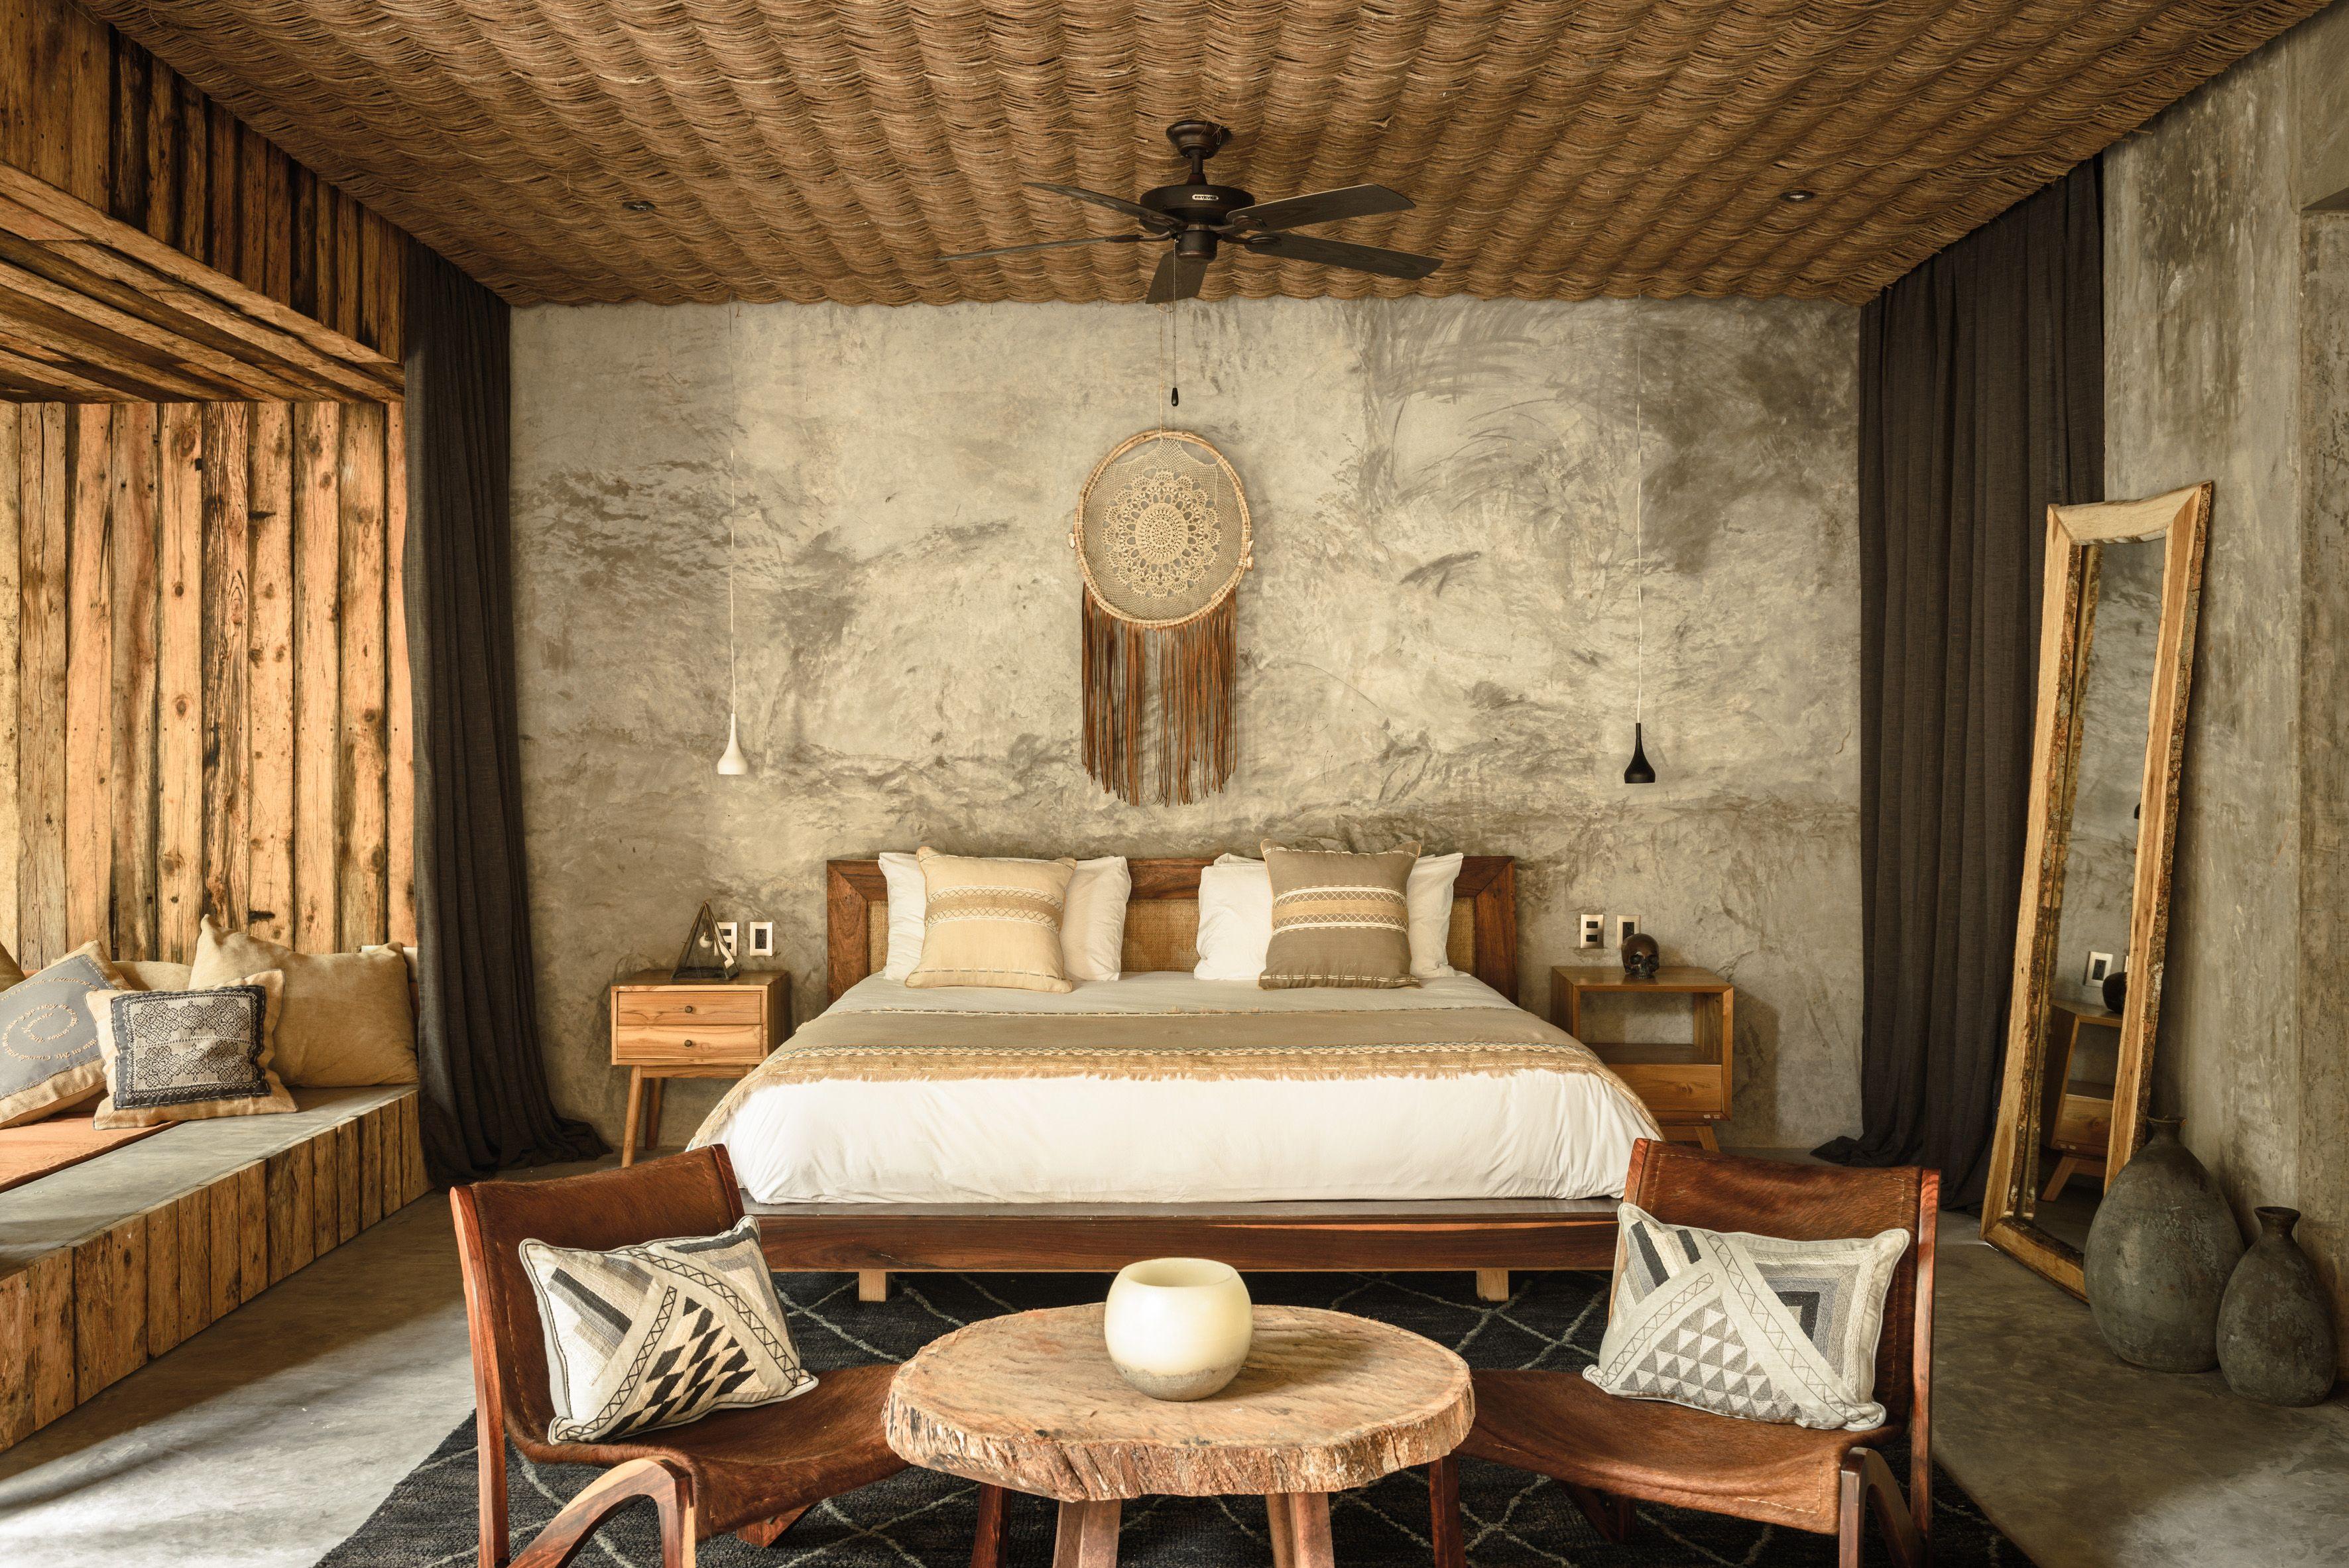 Hotel boutique in tulum hotel be tulum luxury resort in for Hotel interior decor